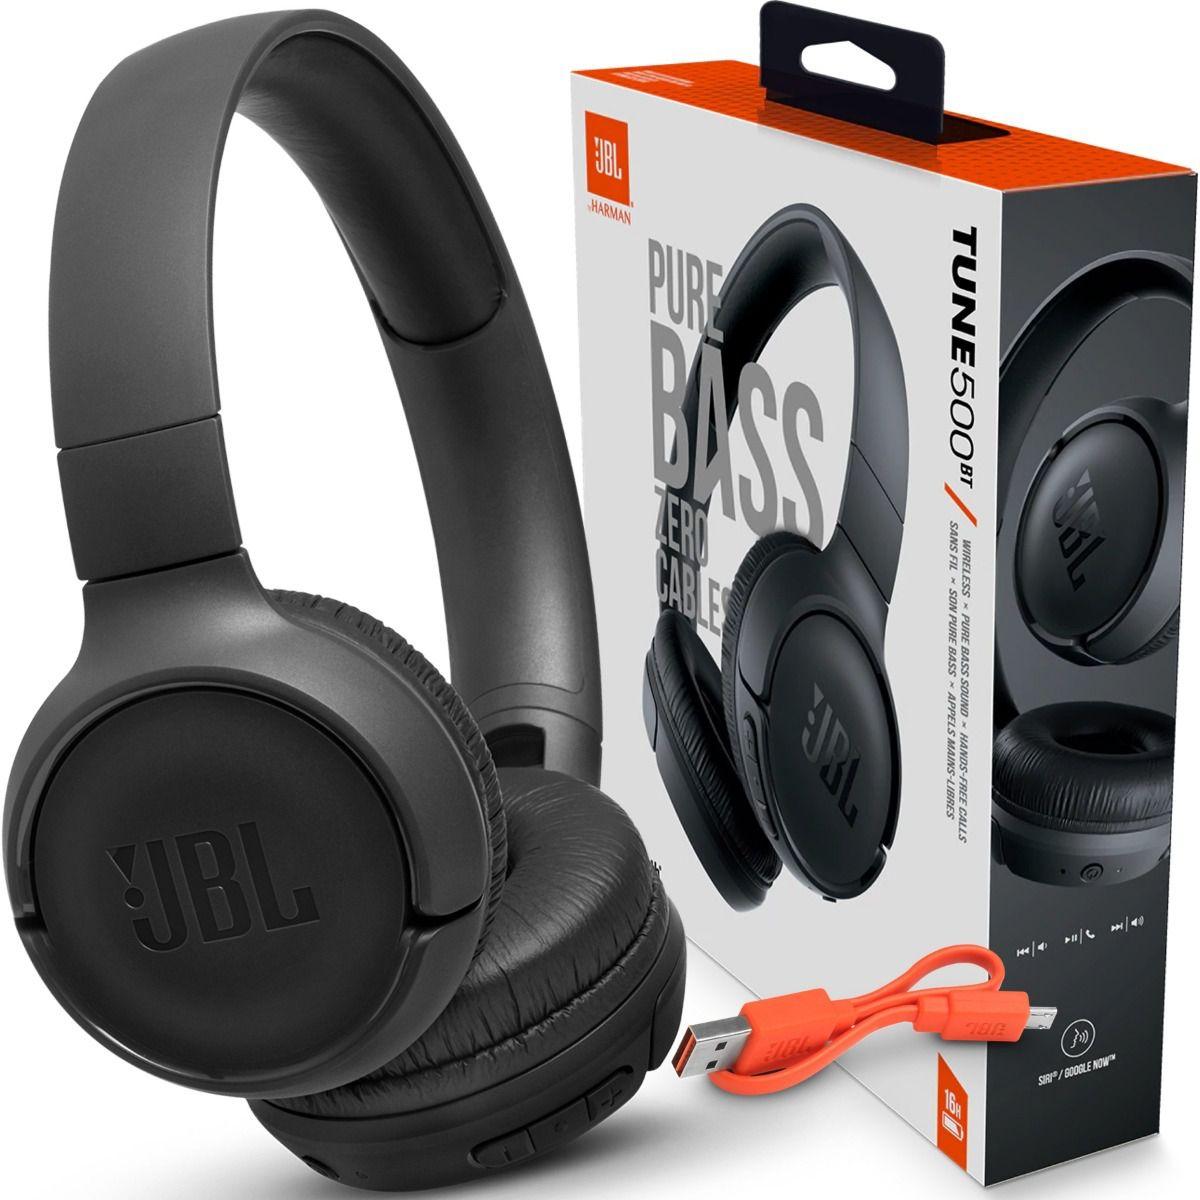 Headphone JBL Tune 500BT Wireless Bluetooth